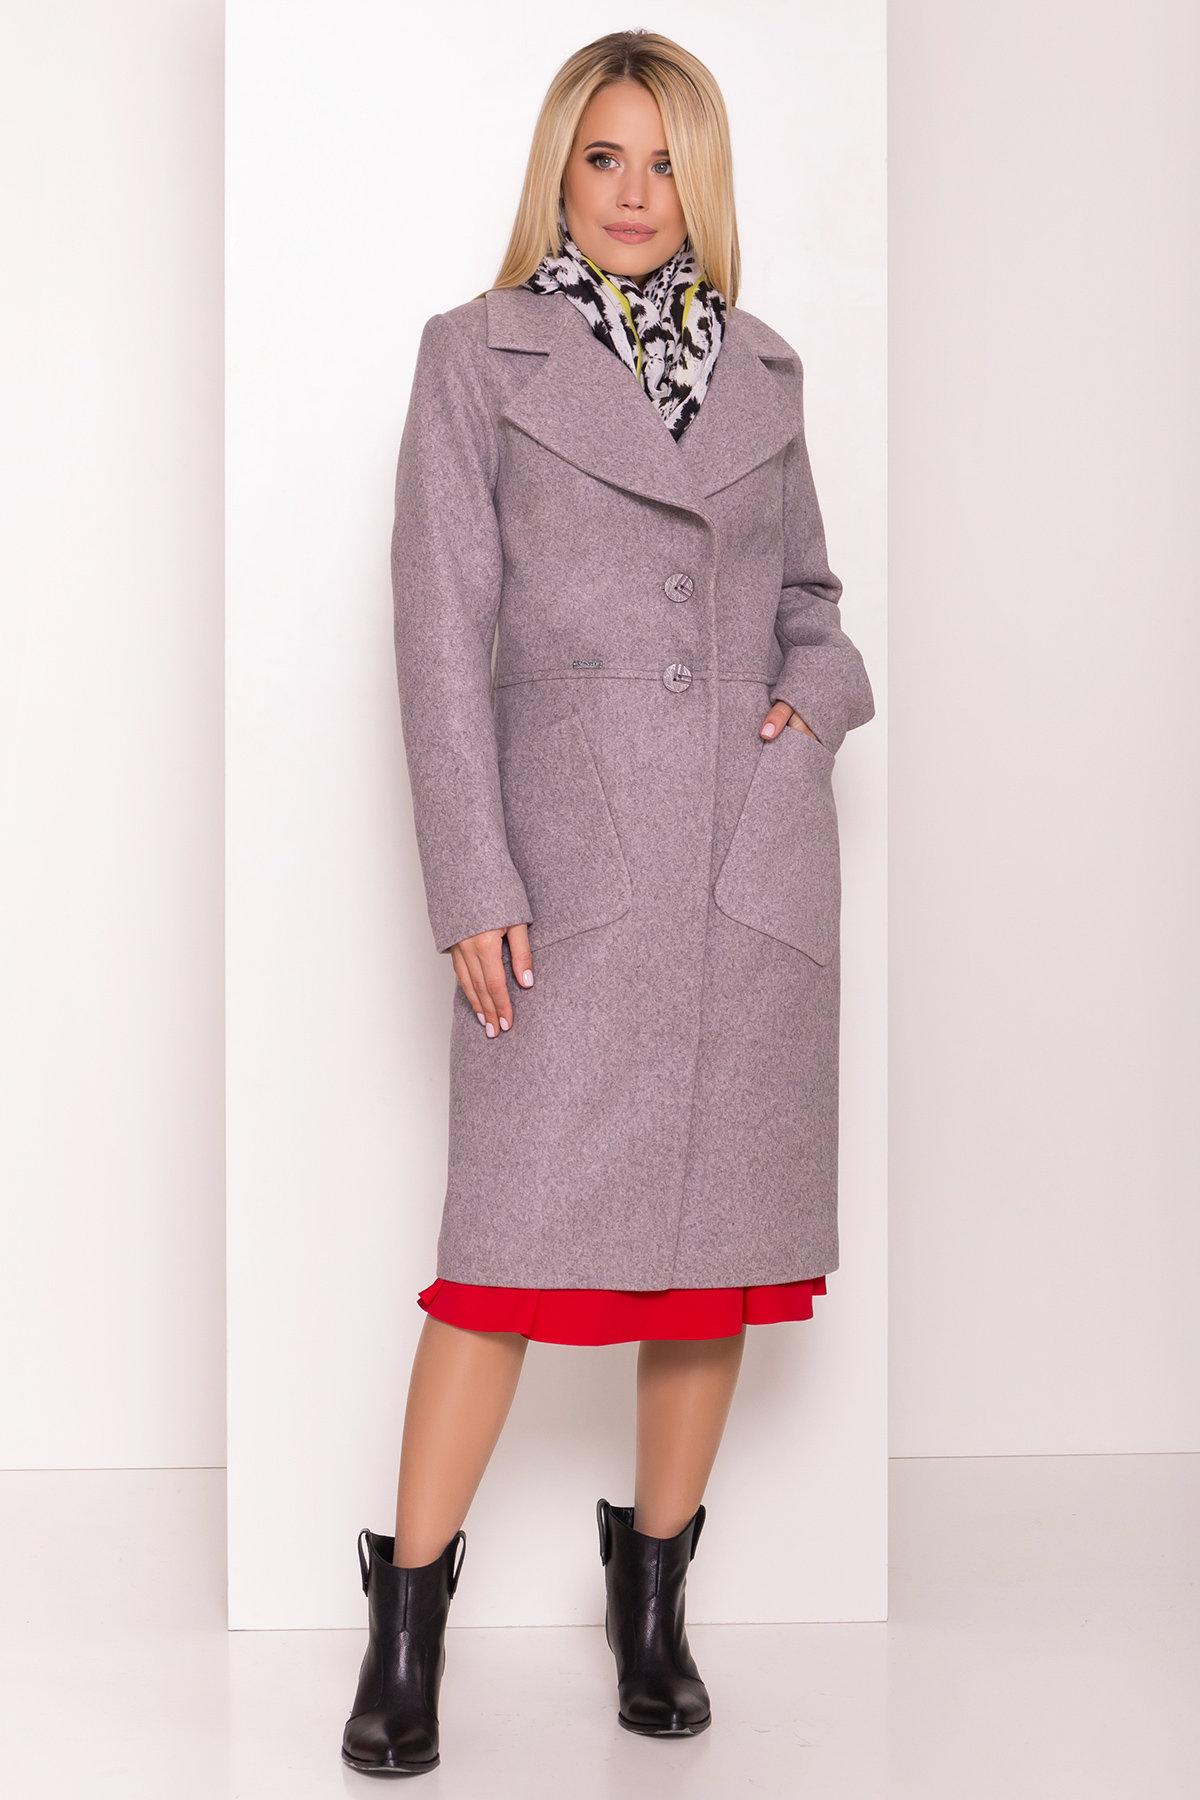 Классическое пальто Габриэлла 7874 Цвет: Серый/розовый 78